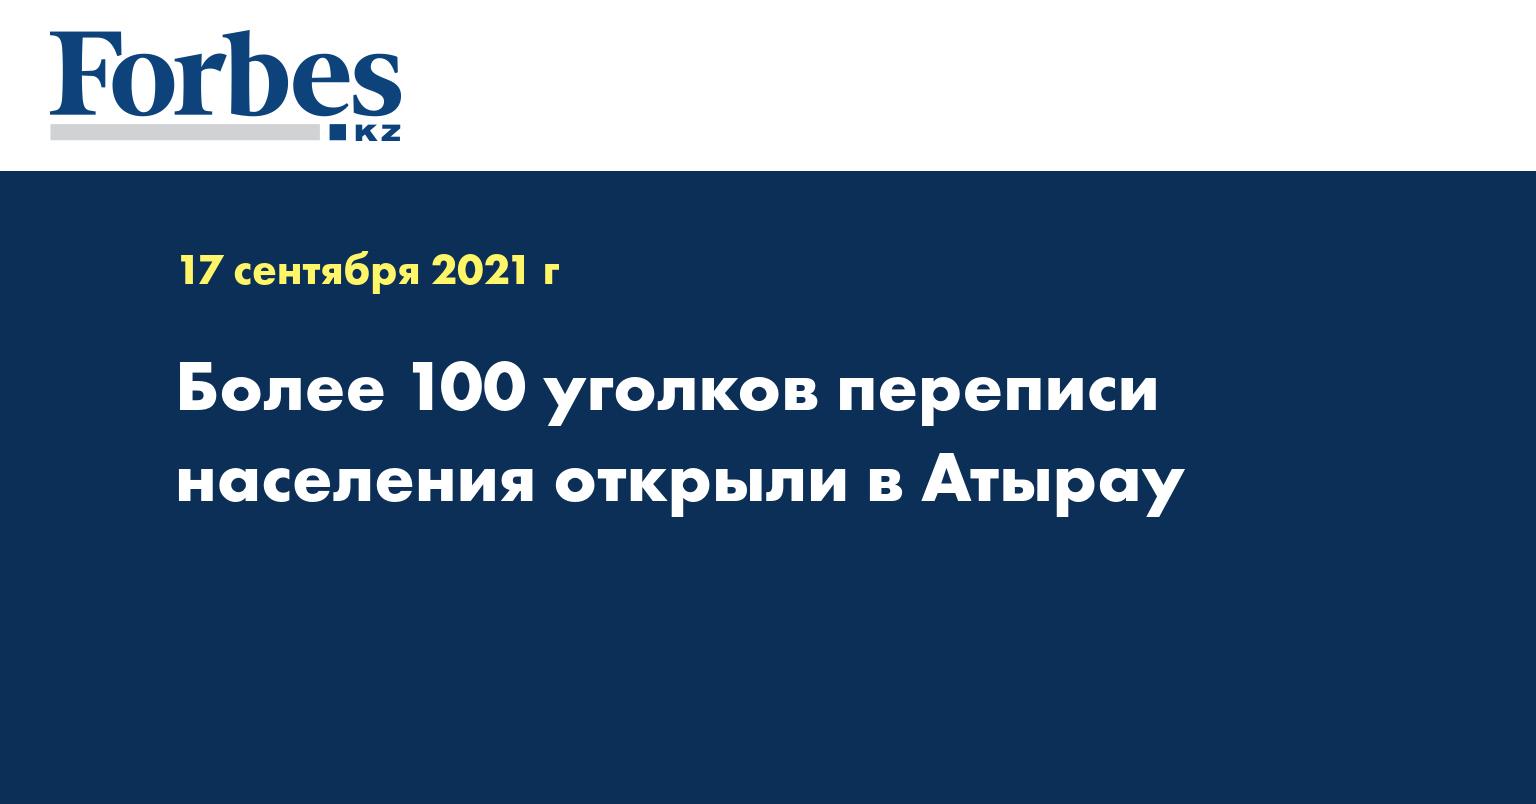 Более 100 уголков переписи населения открыли в Атырау